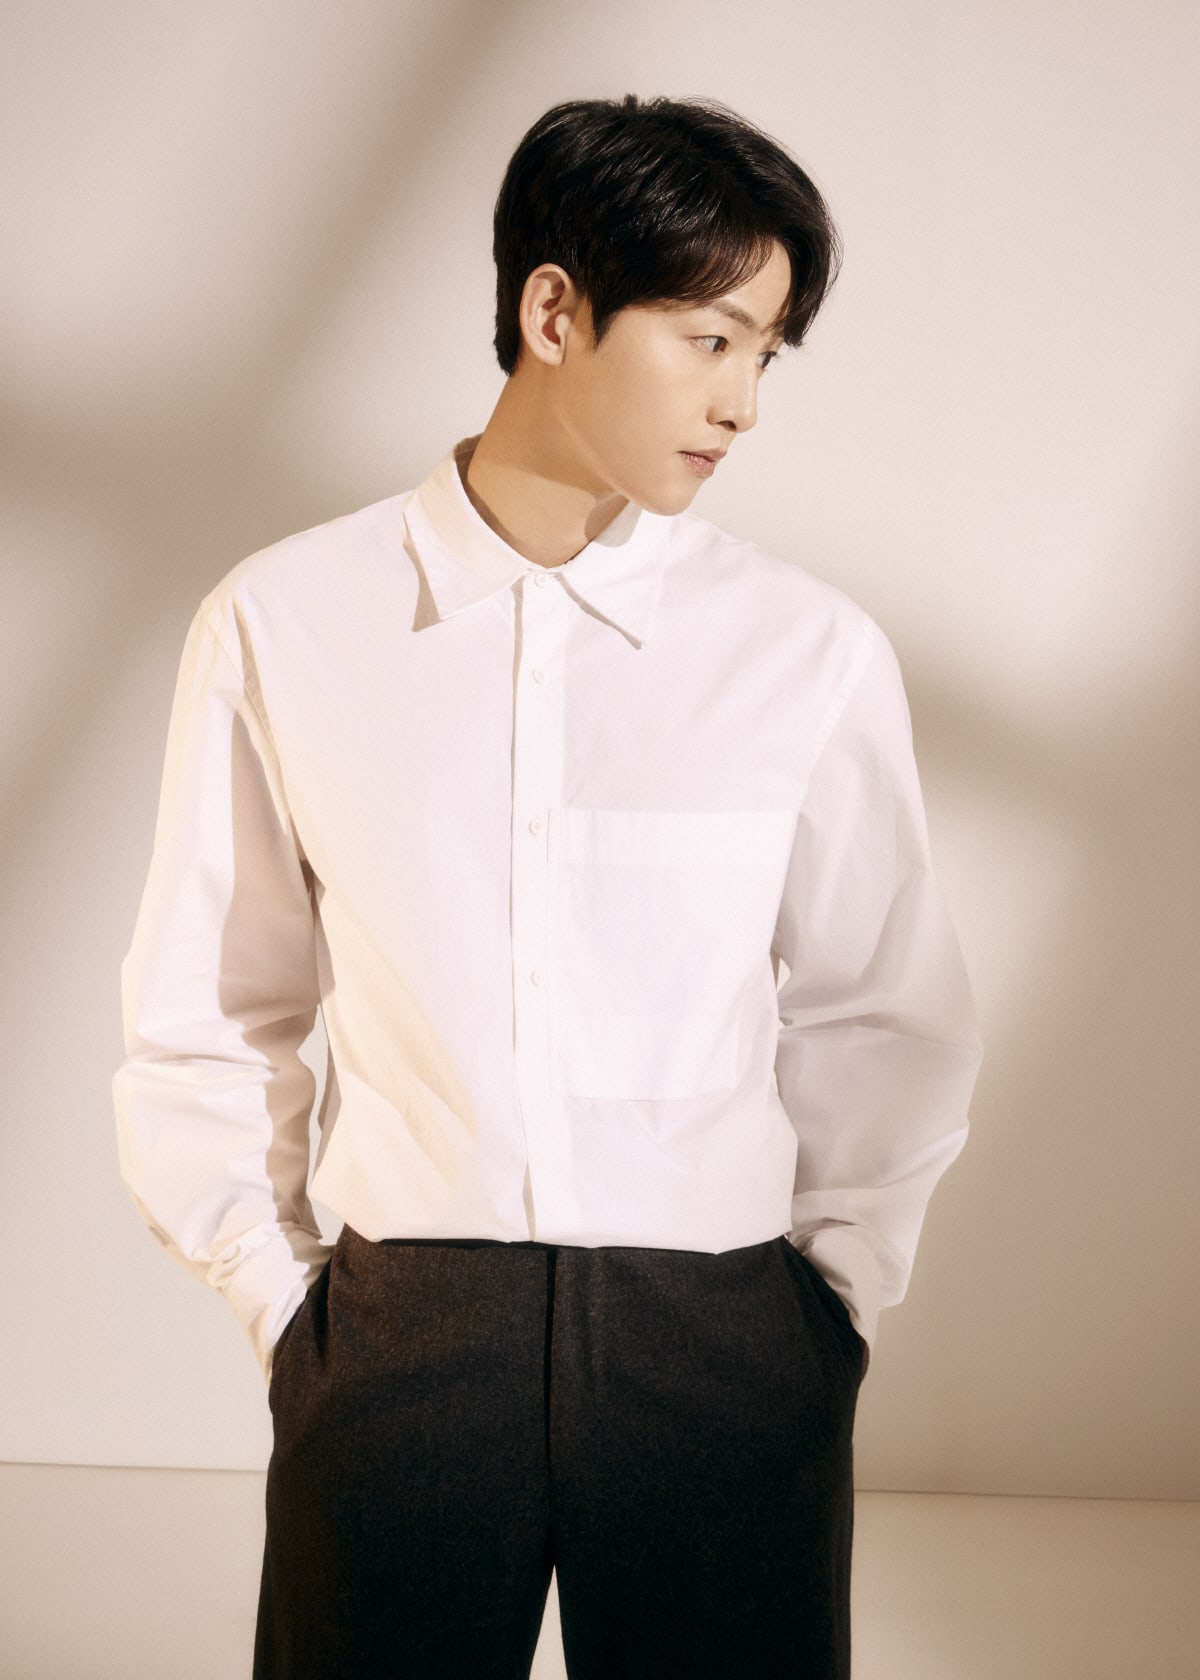 Hậu Vincenzo, Song Joong Ki nhận phim mới về đề tài báo thù cực khét, nội  dung nghe qua đã muốn xem liền